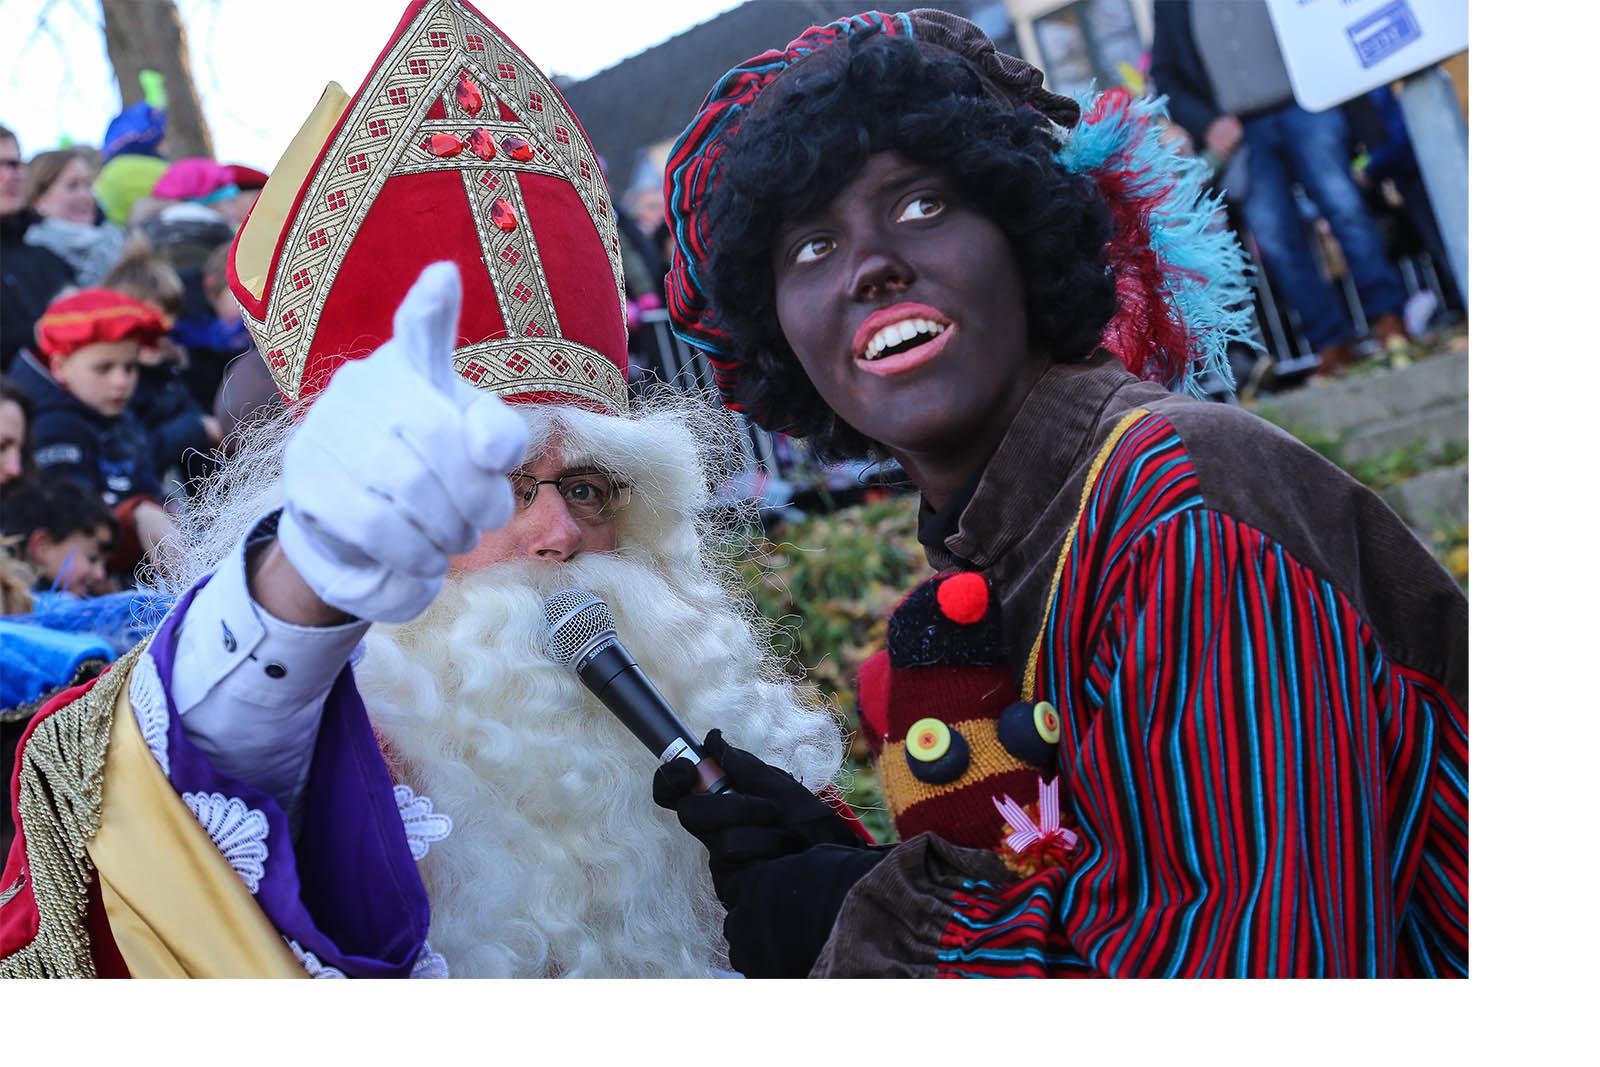 culemborg intocht sinterklaas 2018_0002_©John Verhagen-Sinterklaas 2018-0268.jpg